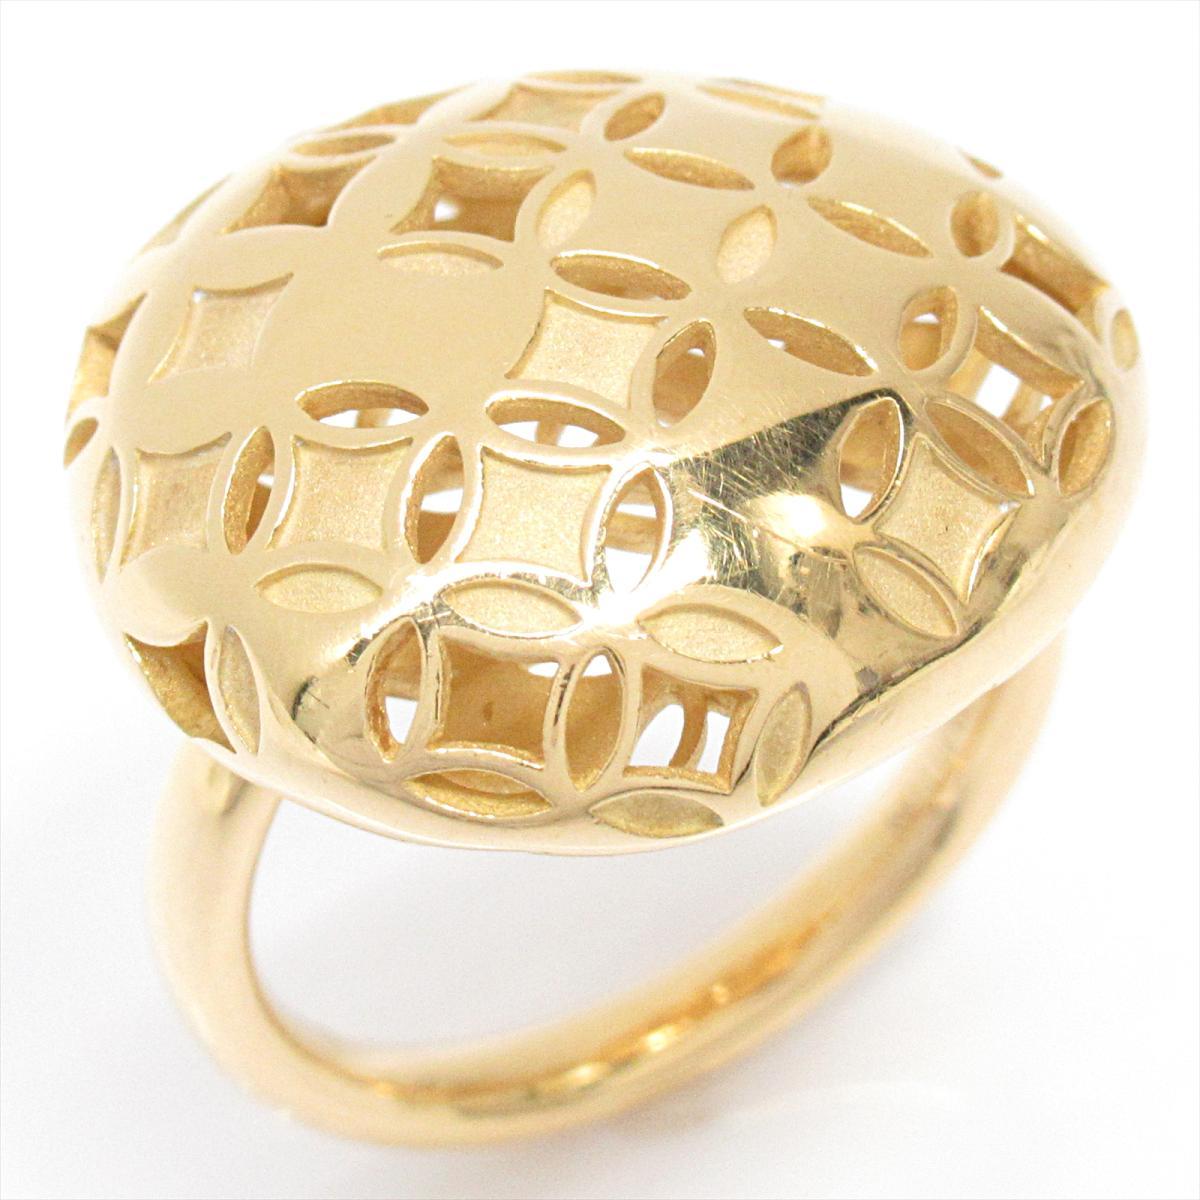 【中古】 ルイヴィトン デザインリング 指輪 レディース K18YG (750) イエローゴールド | LOUIS VUITTON BRANDOFF ブランドオフ ヴィトン ビトン ルイ・ヴィトン ブランド ジュエリー アクセサリー リング